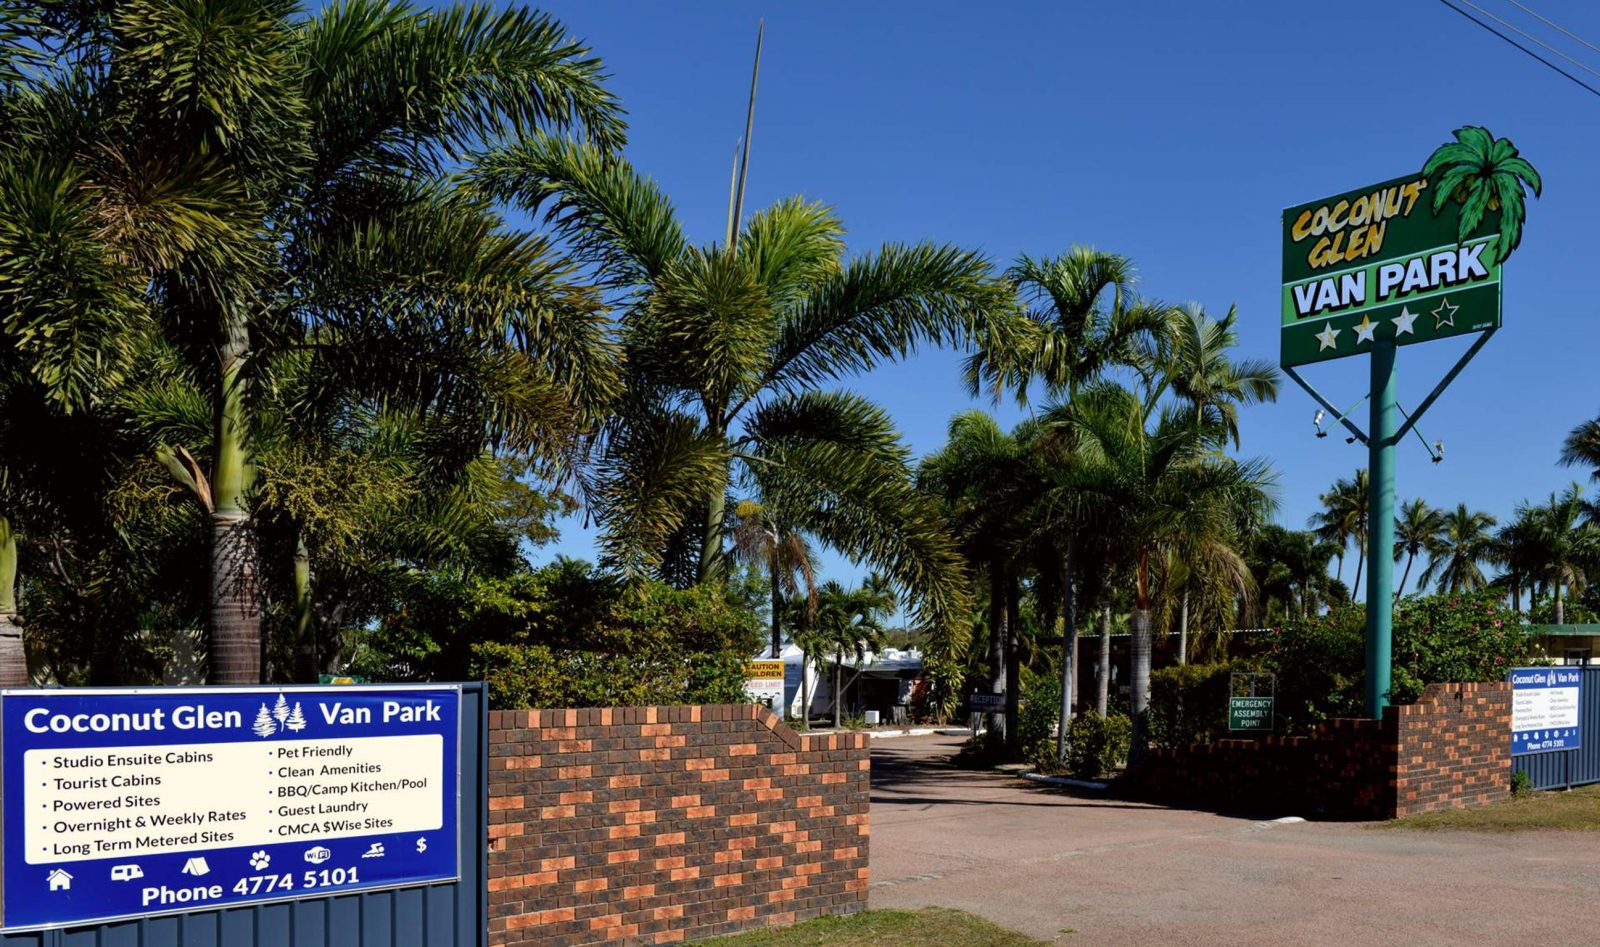 Coconut Glen Van Park